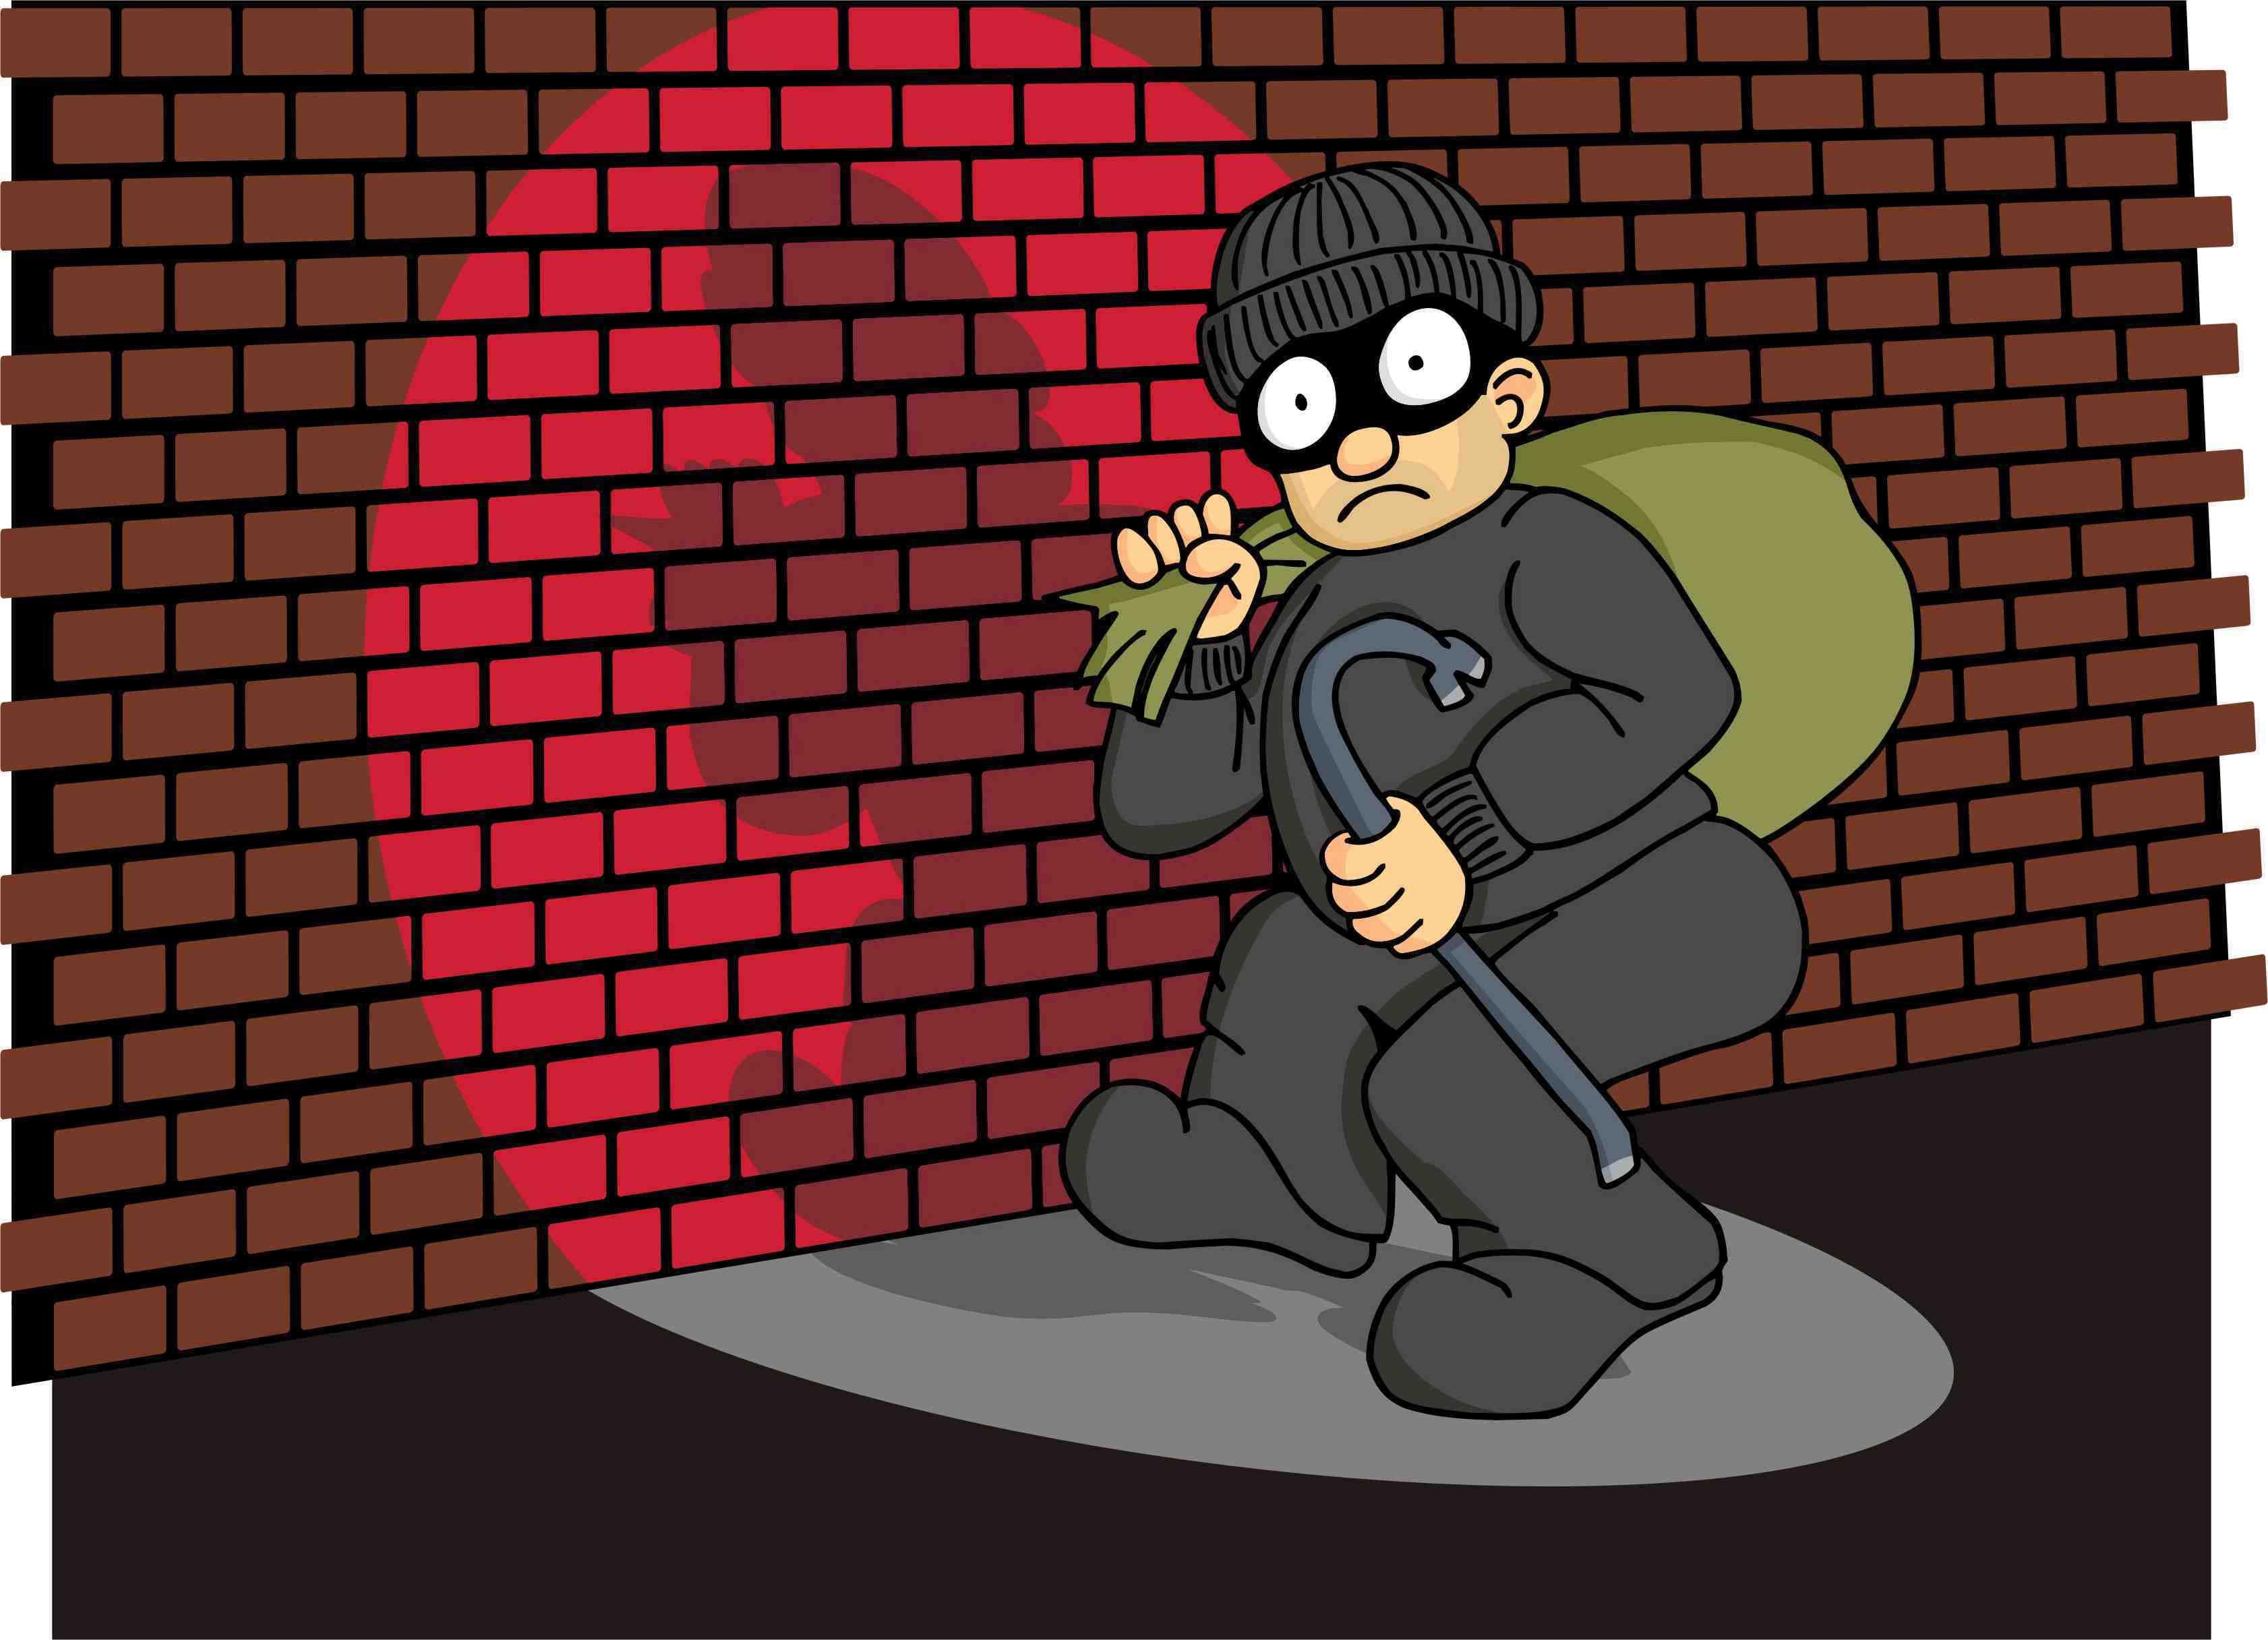 campaña de prevención de robos